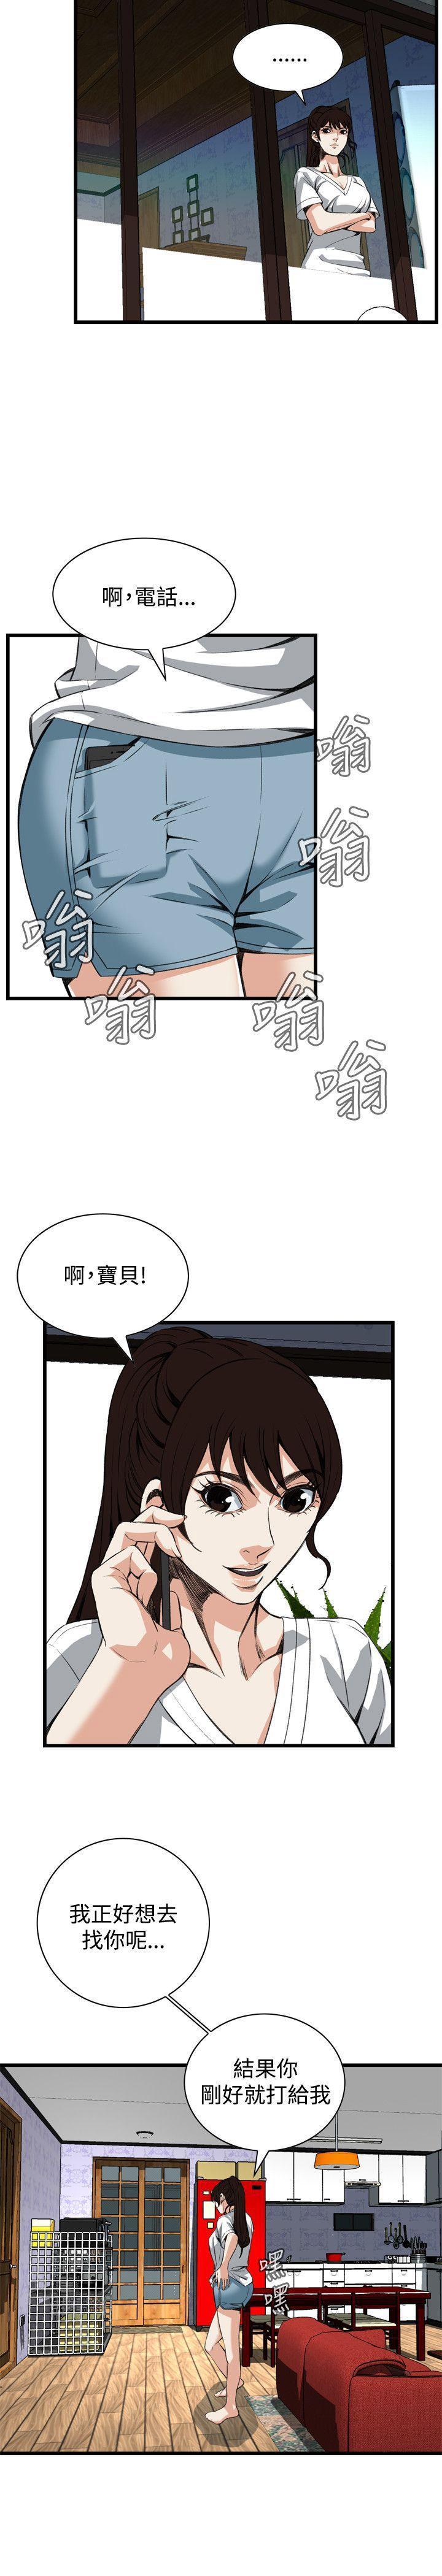 偷窥72-93 Chinese Rsiky 195